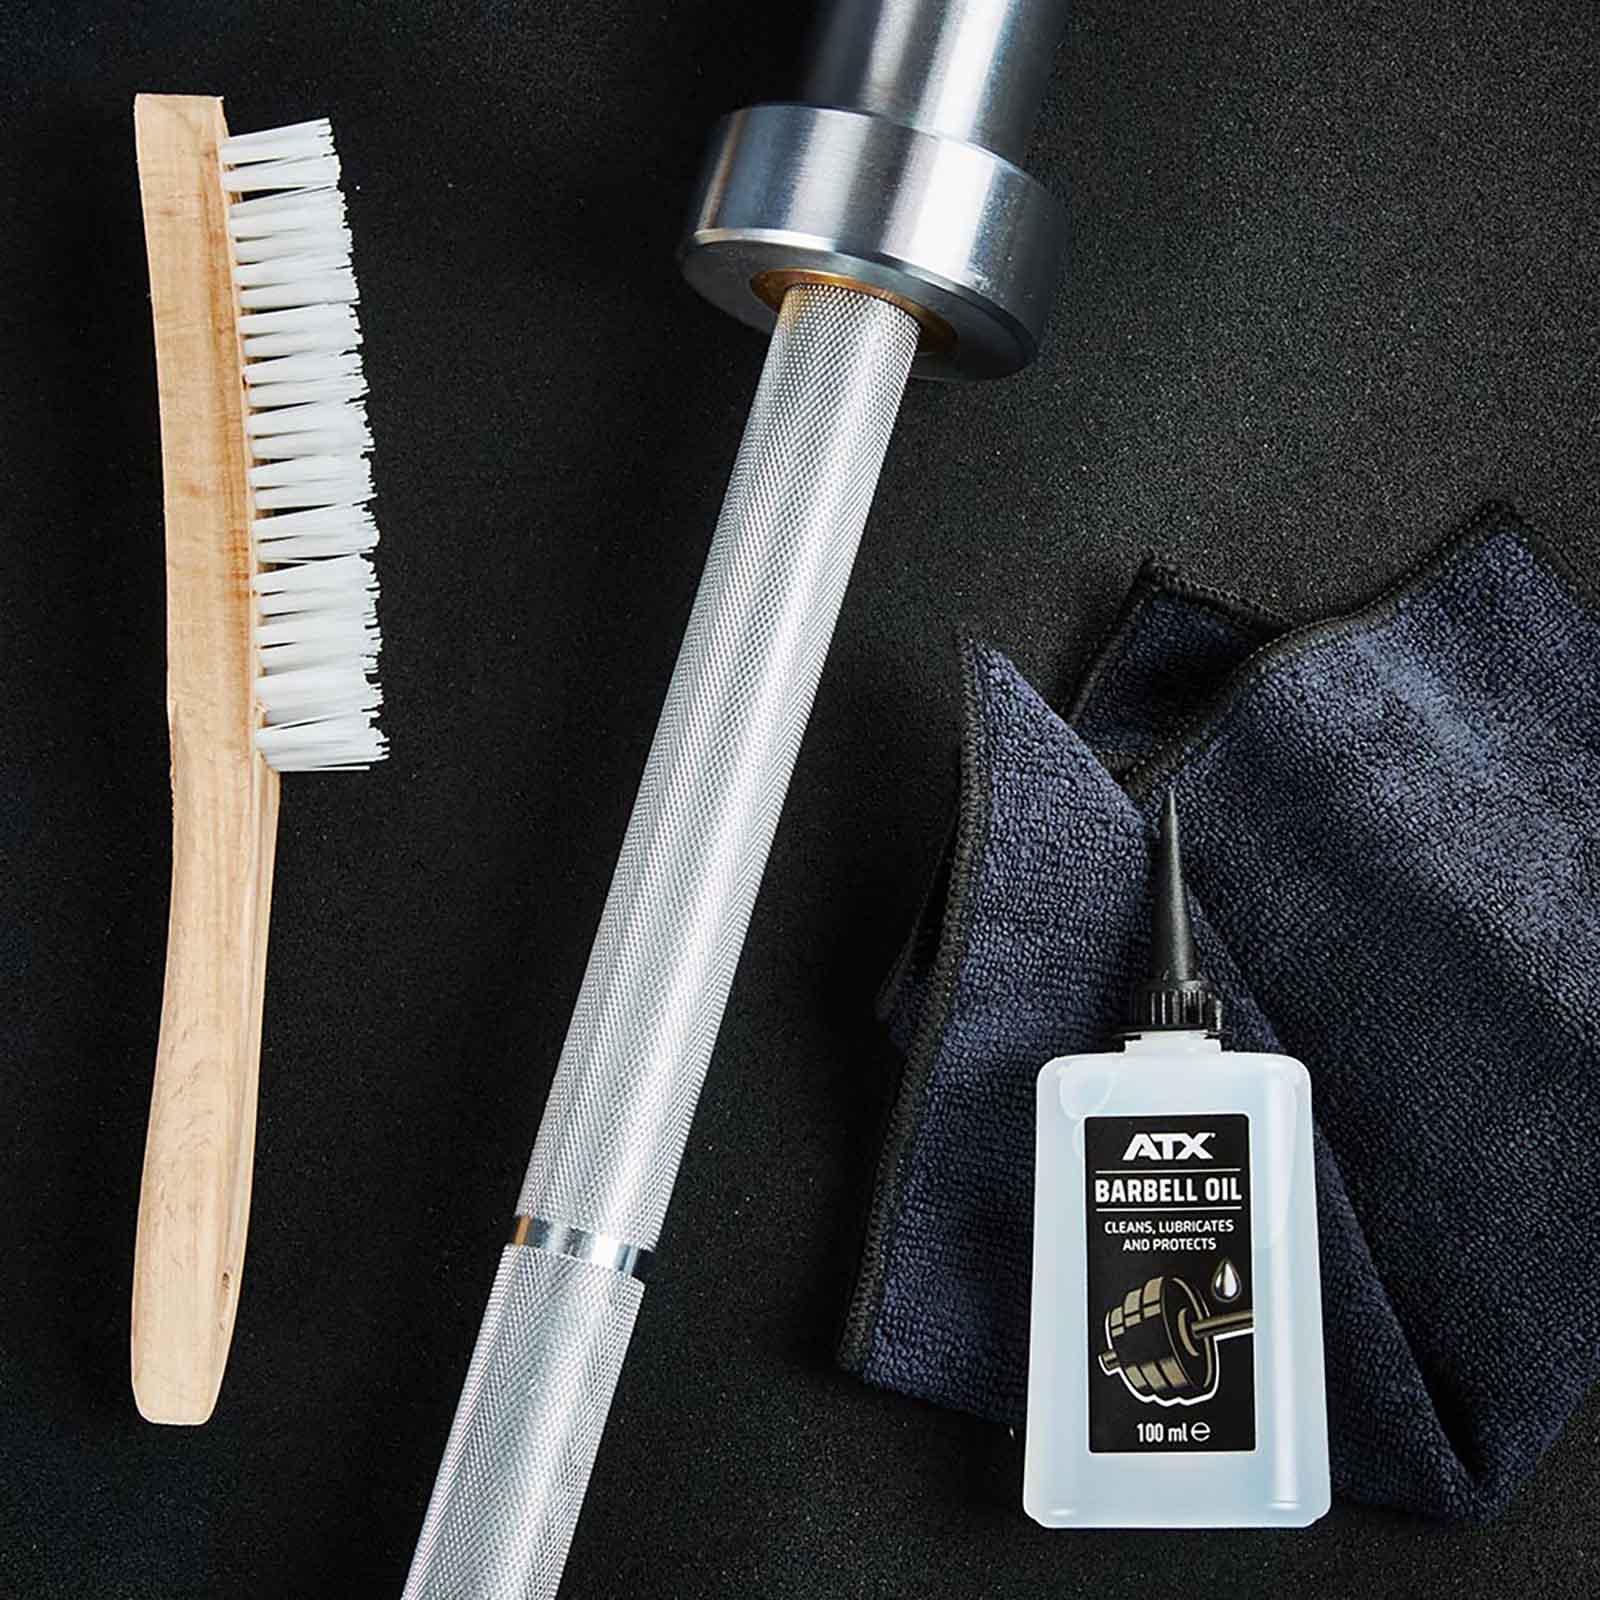 barbell maintenance kit